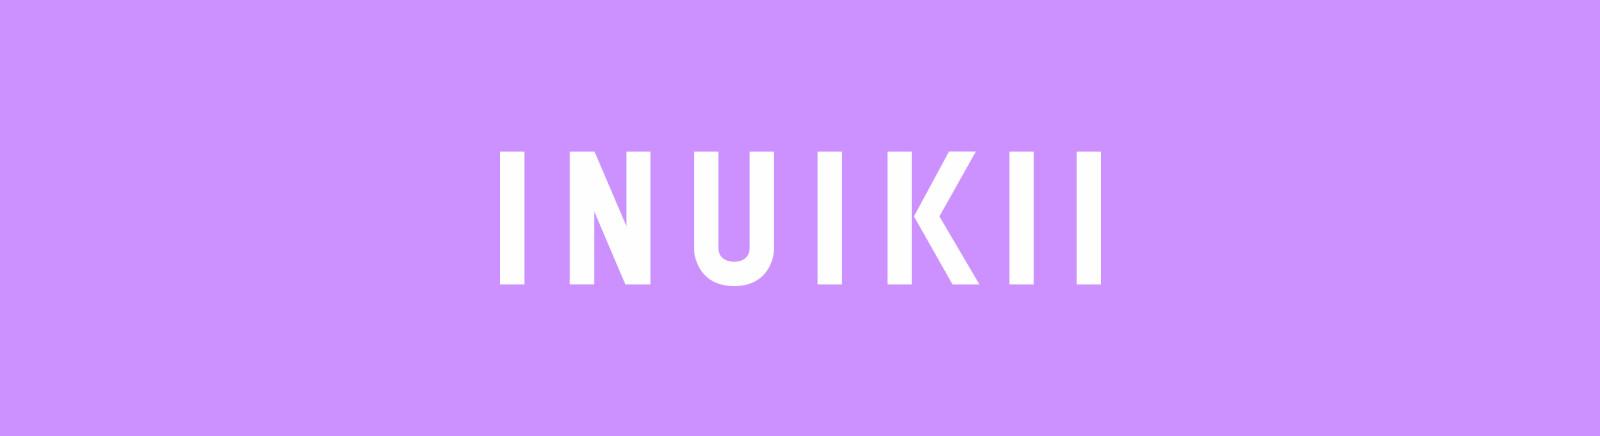 Juppen: INUIKII/IKKII Schnürboots für Damen online shoppen